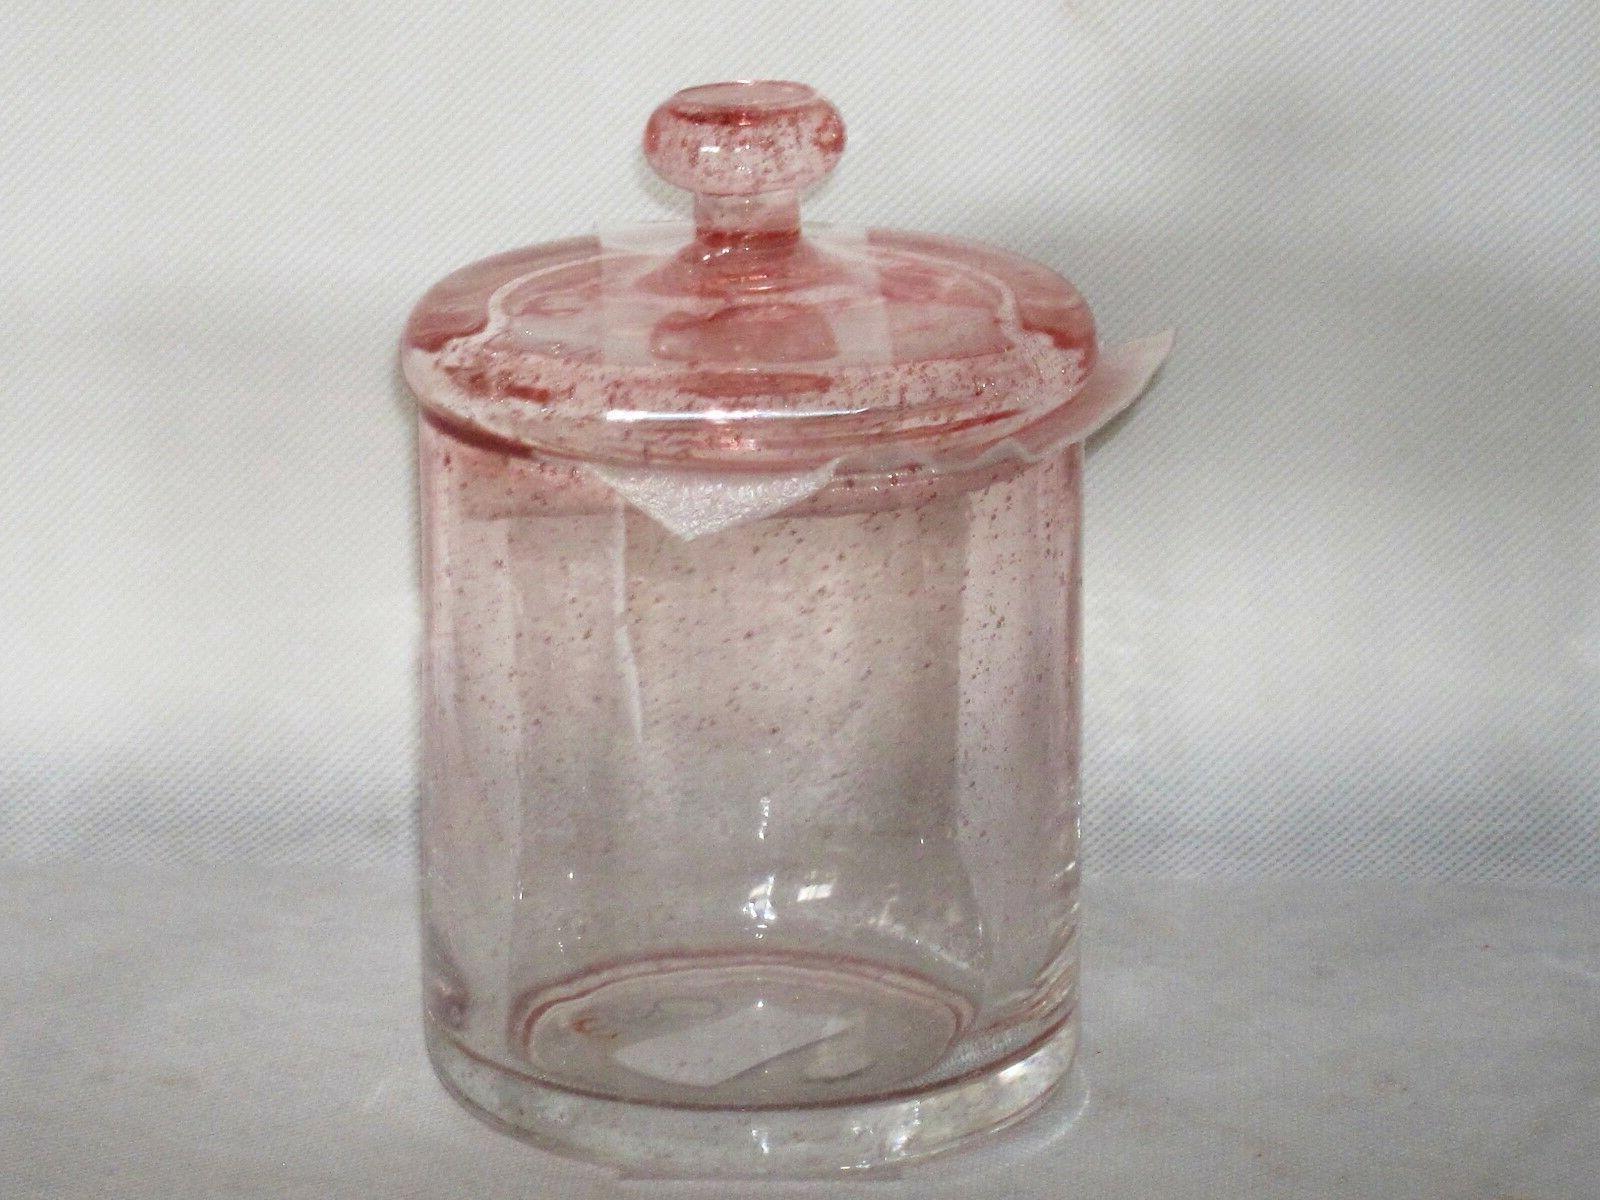 CARO Bubble Glass Ombre soap pump tumbler